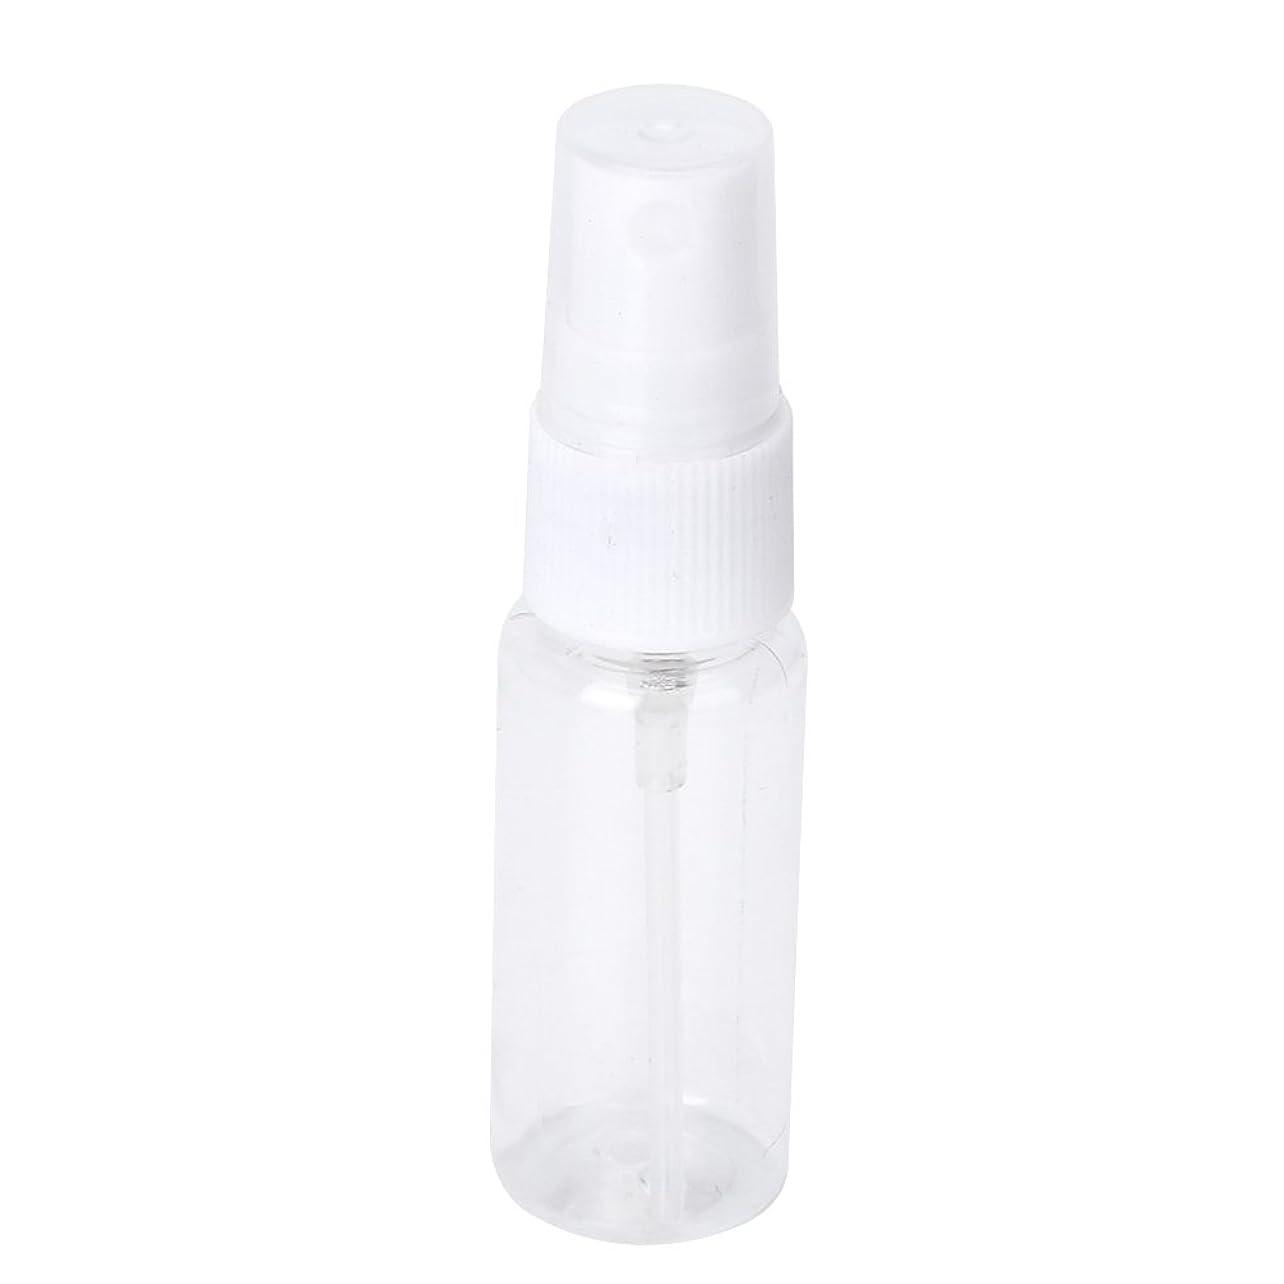 帳面みなさん最高Beautyladys スプレーボトル 20ml 透明 空容器 空ボトル 環境保護の材料 PET素材 化粧水 詰替用ボトル 旅行用品 5本セット